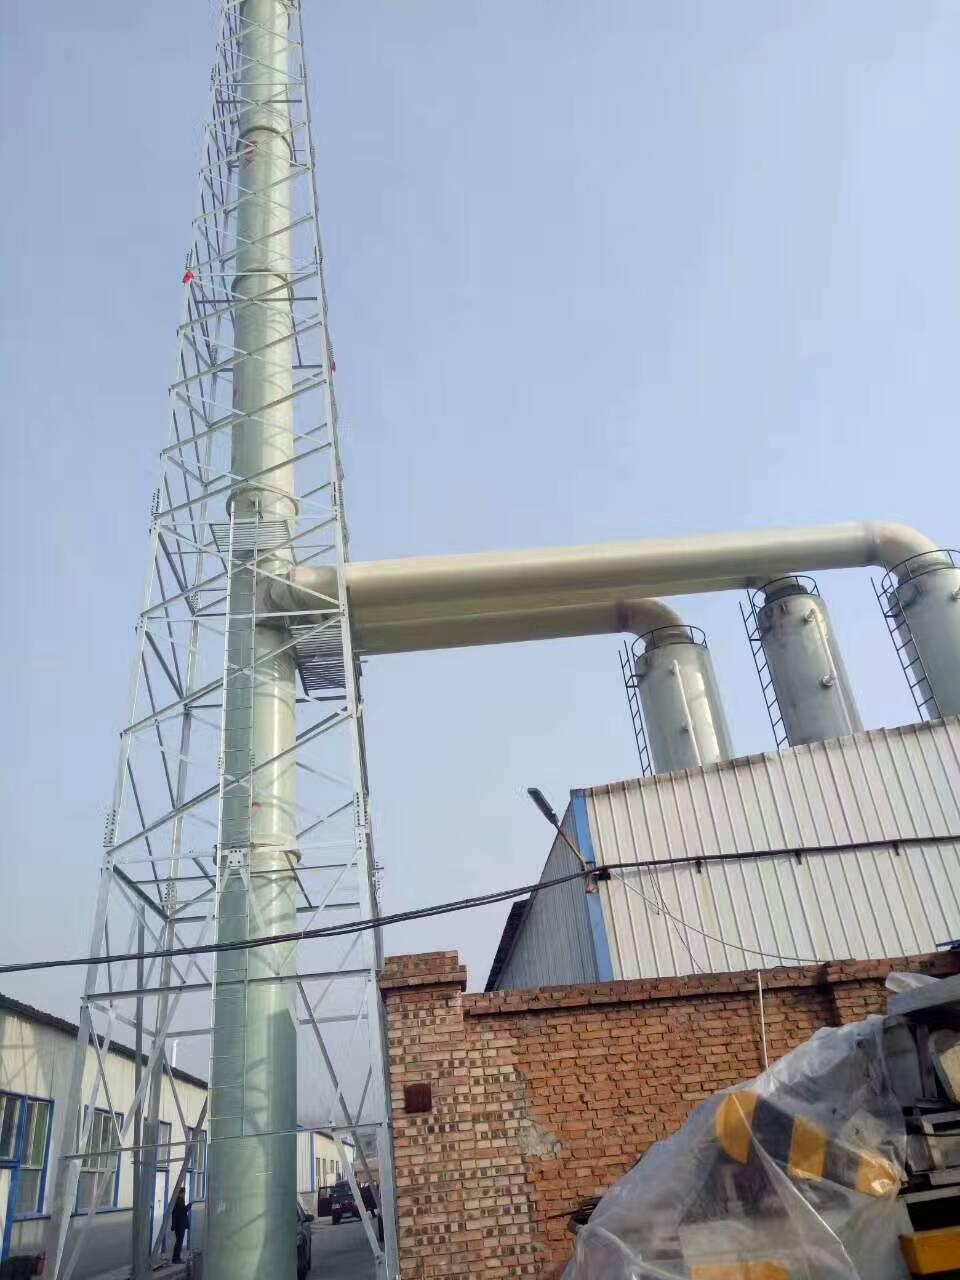 高效锅炉脱硫塔专业供应商 实惠的高效锅炉脱硫塔锅炉高效脱硫除尘器